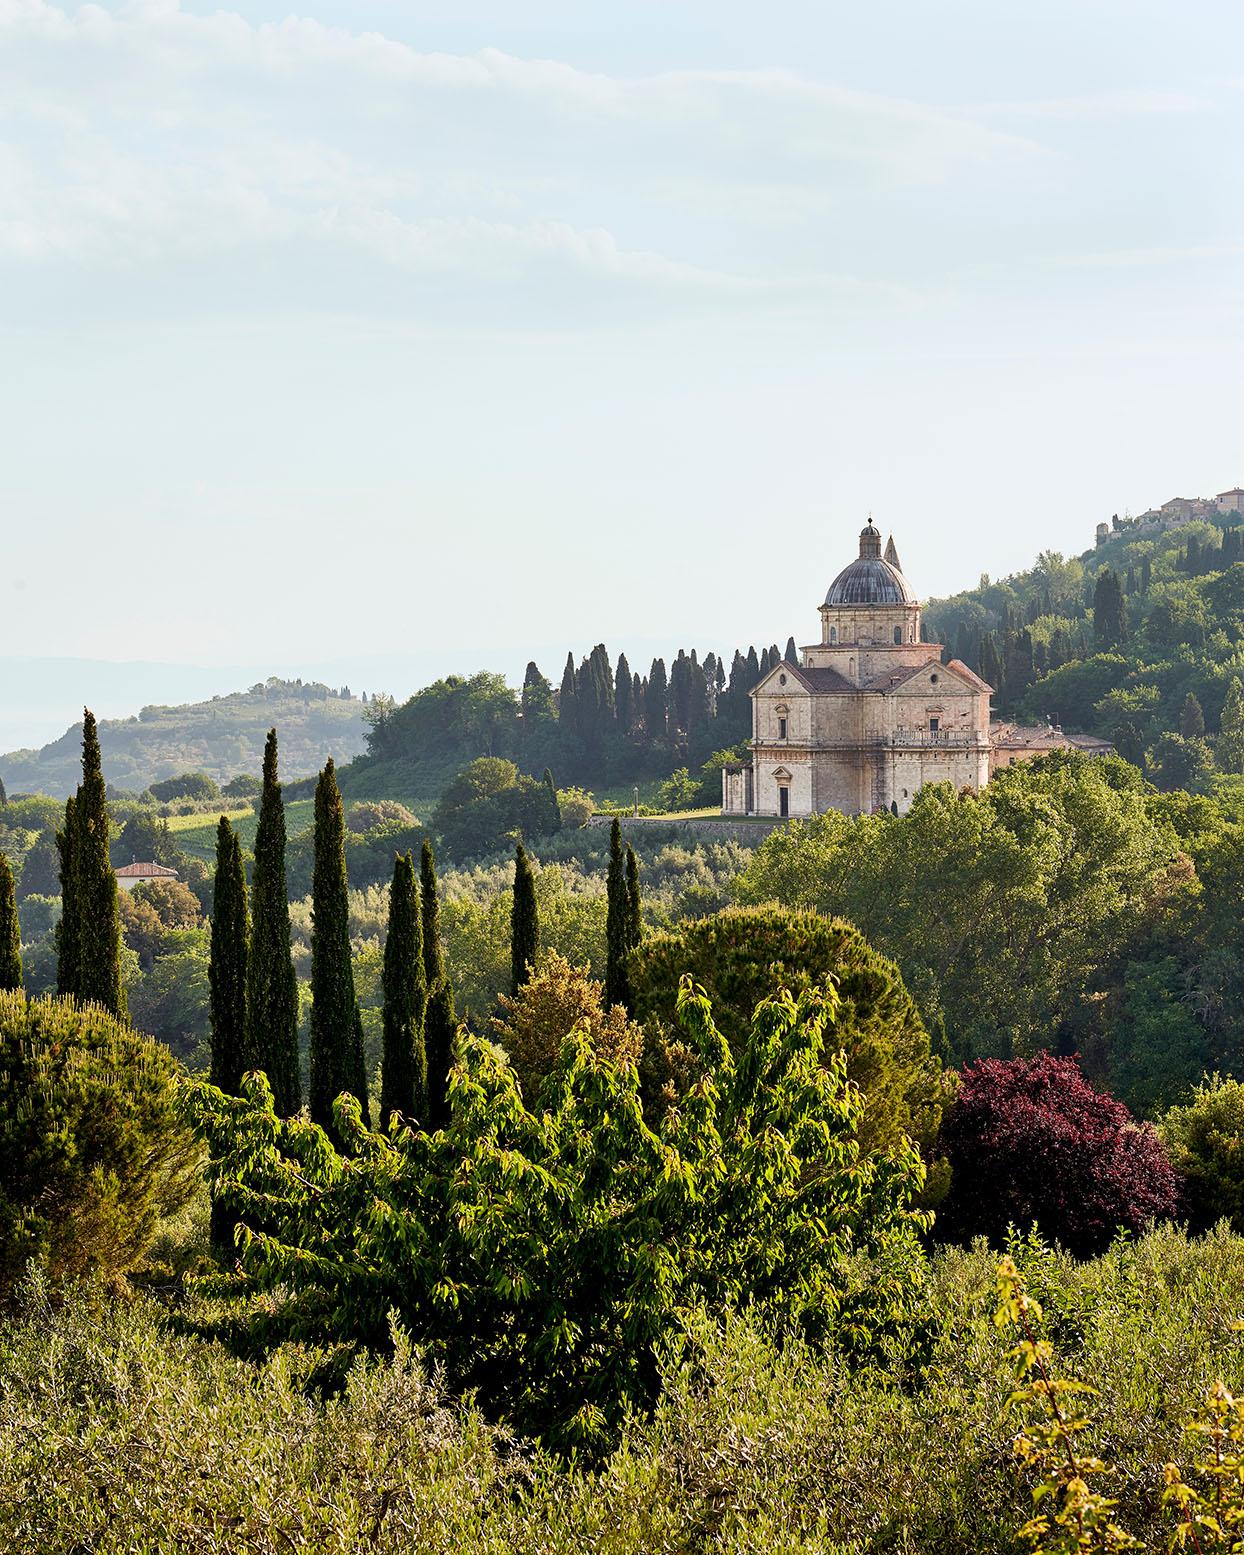 Italian Tuscan countryside